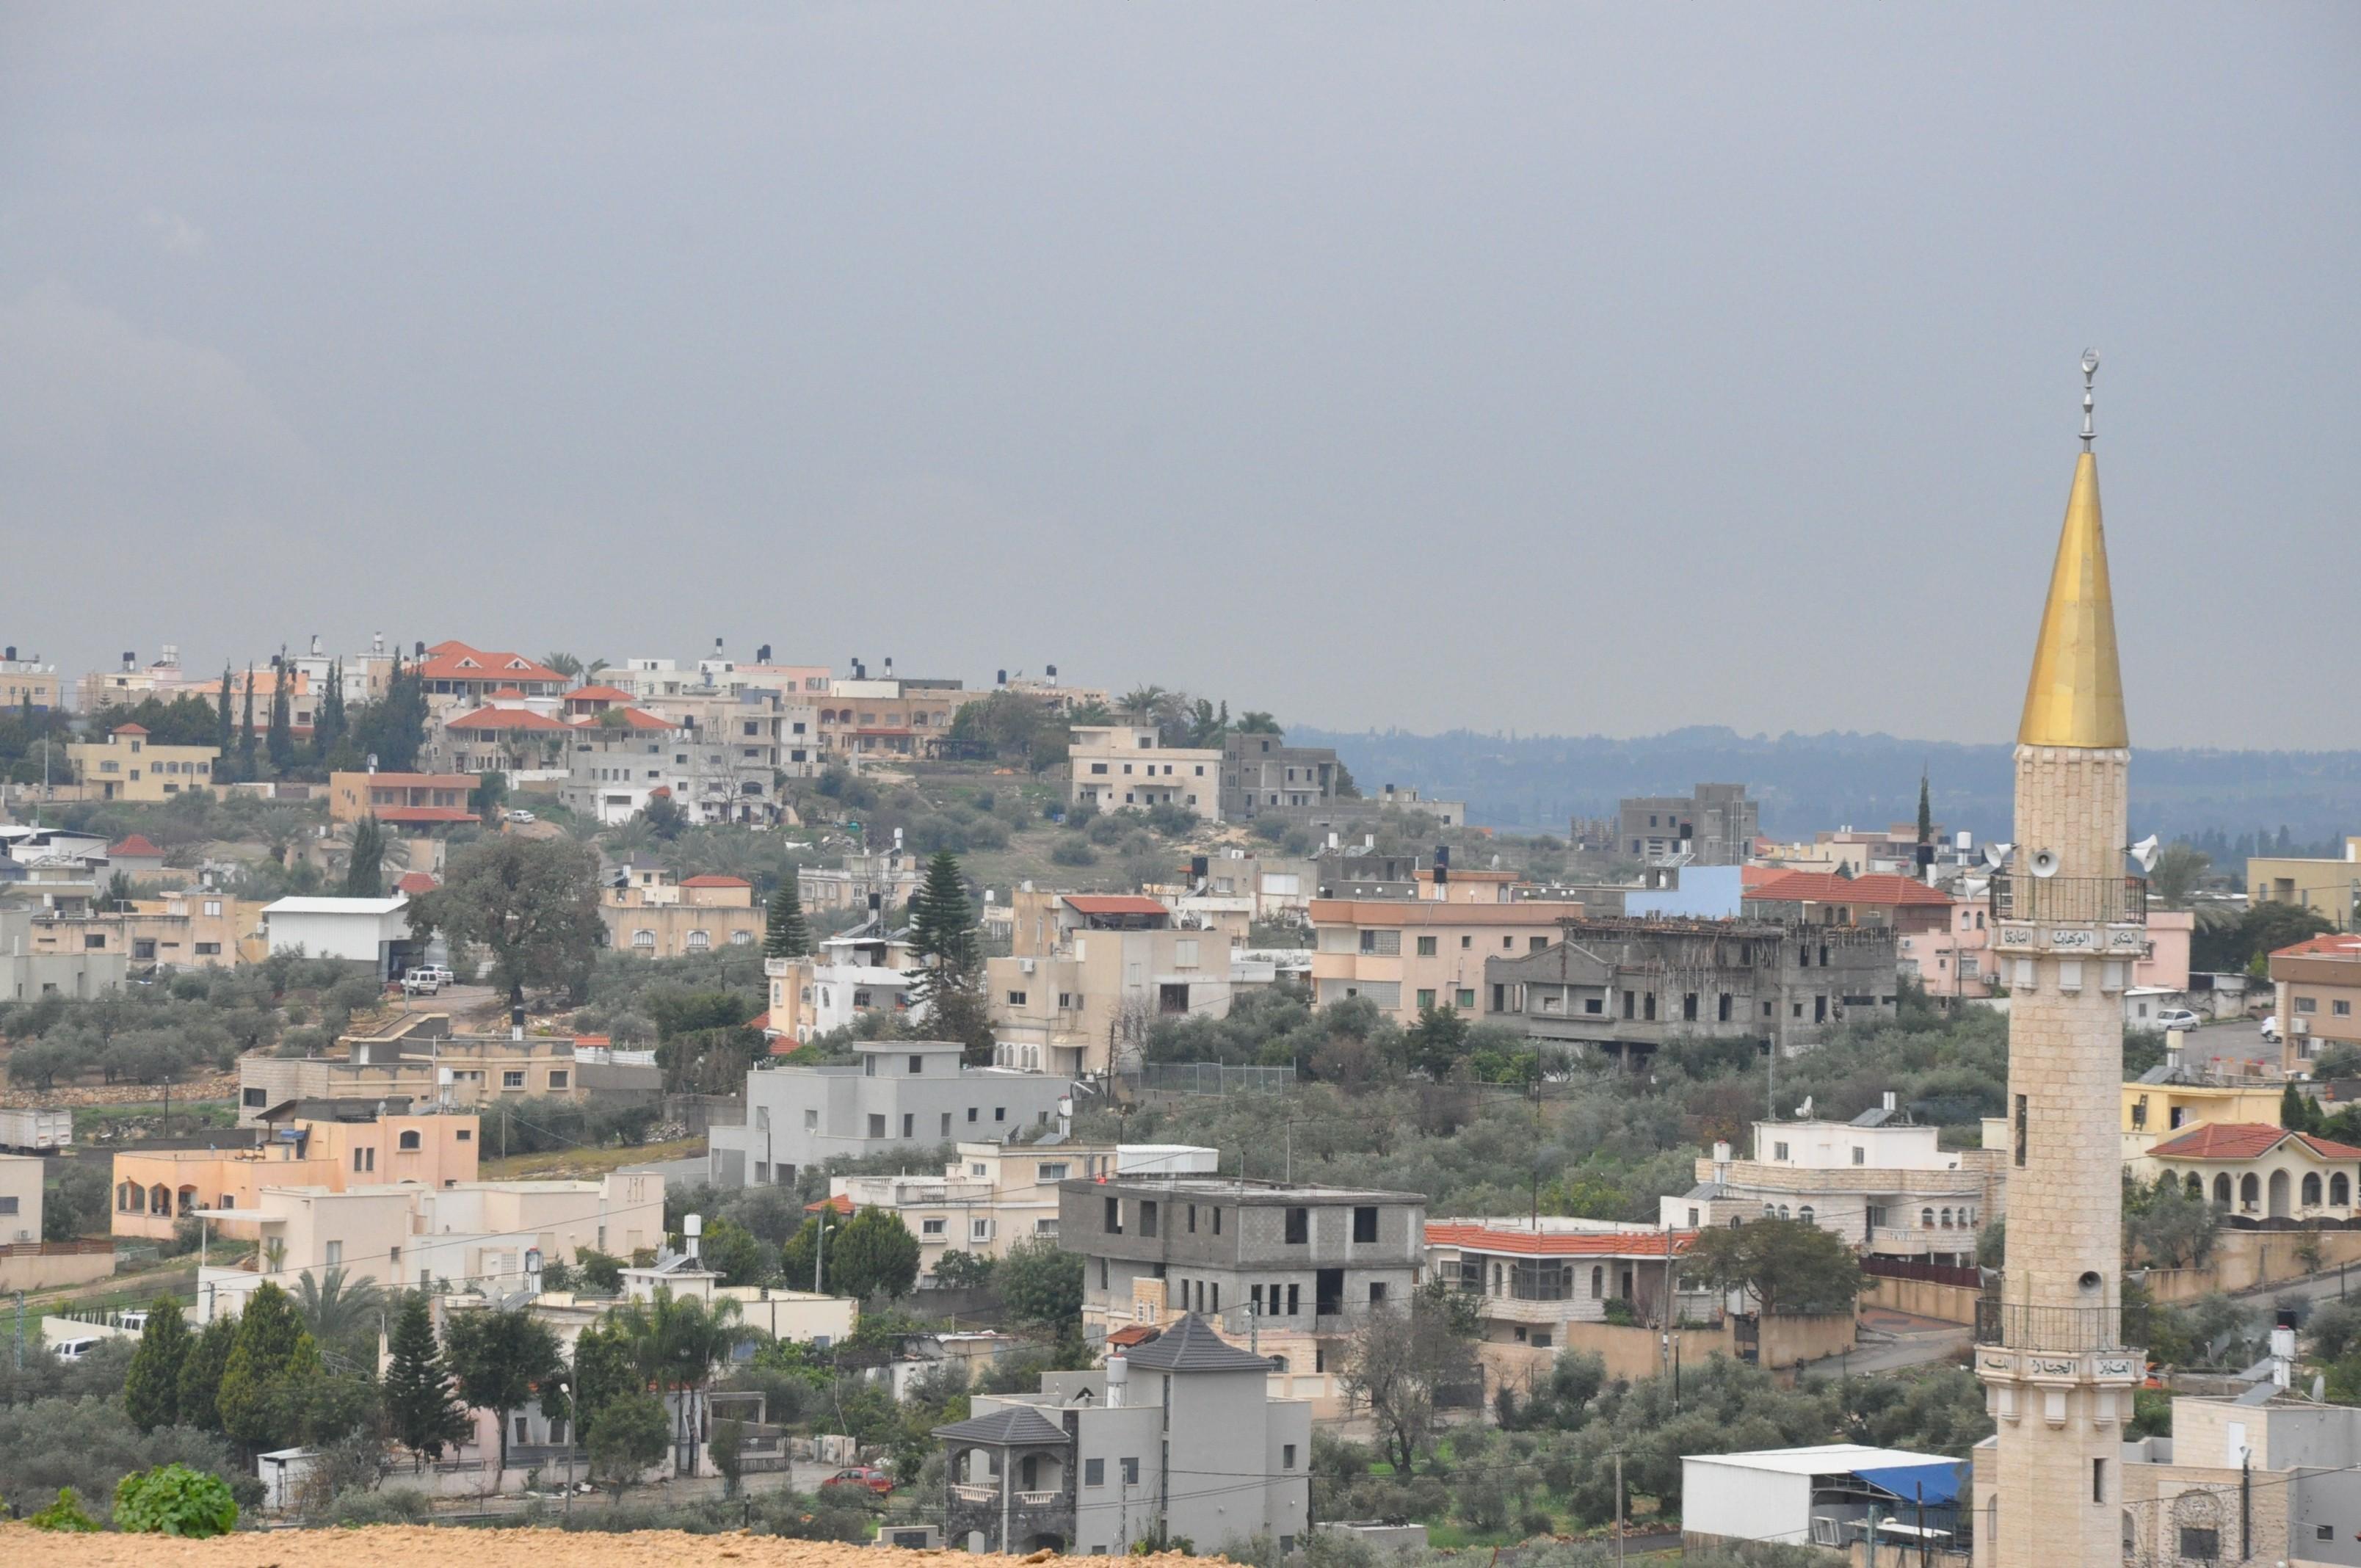 منظر عام لمدينة باقة الغربية: شح باحتياط الأراضي وعدم توسيع مسطح البناء